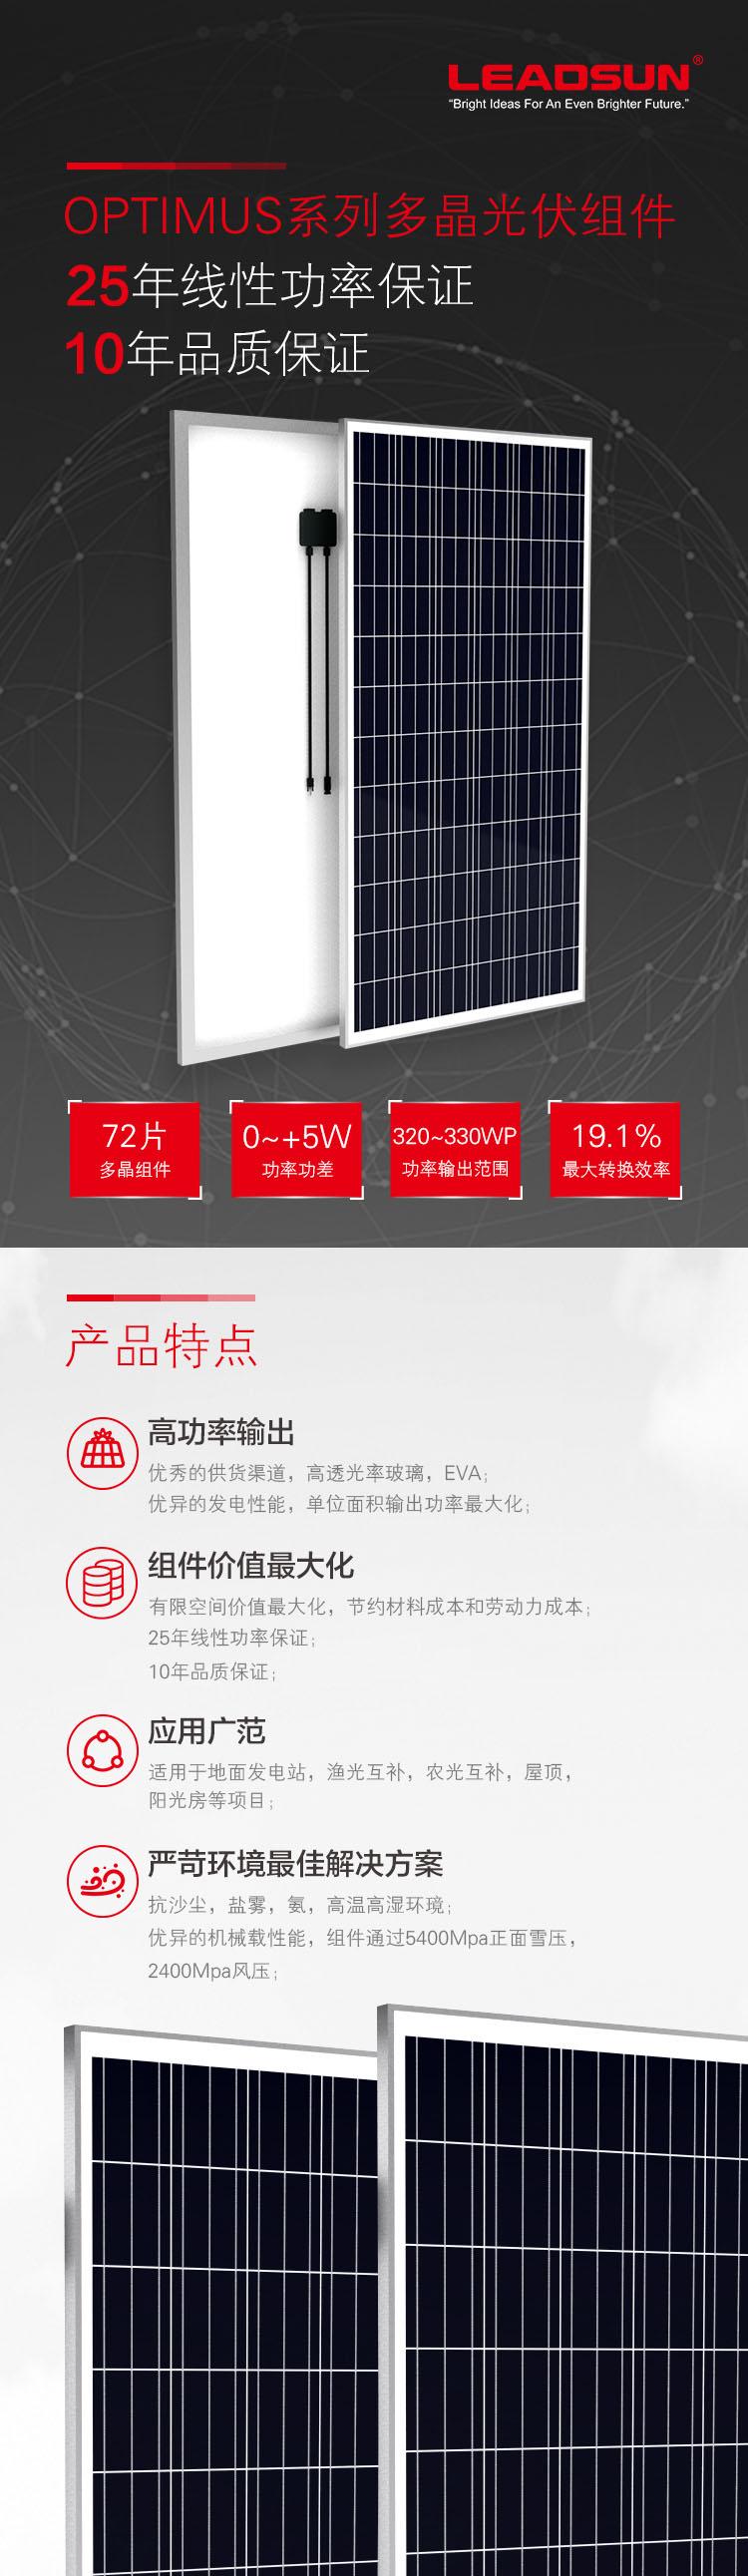 LEADSUN多晶72片太陽能板詳情頁-750-1-1.jpg